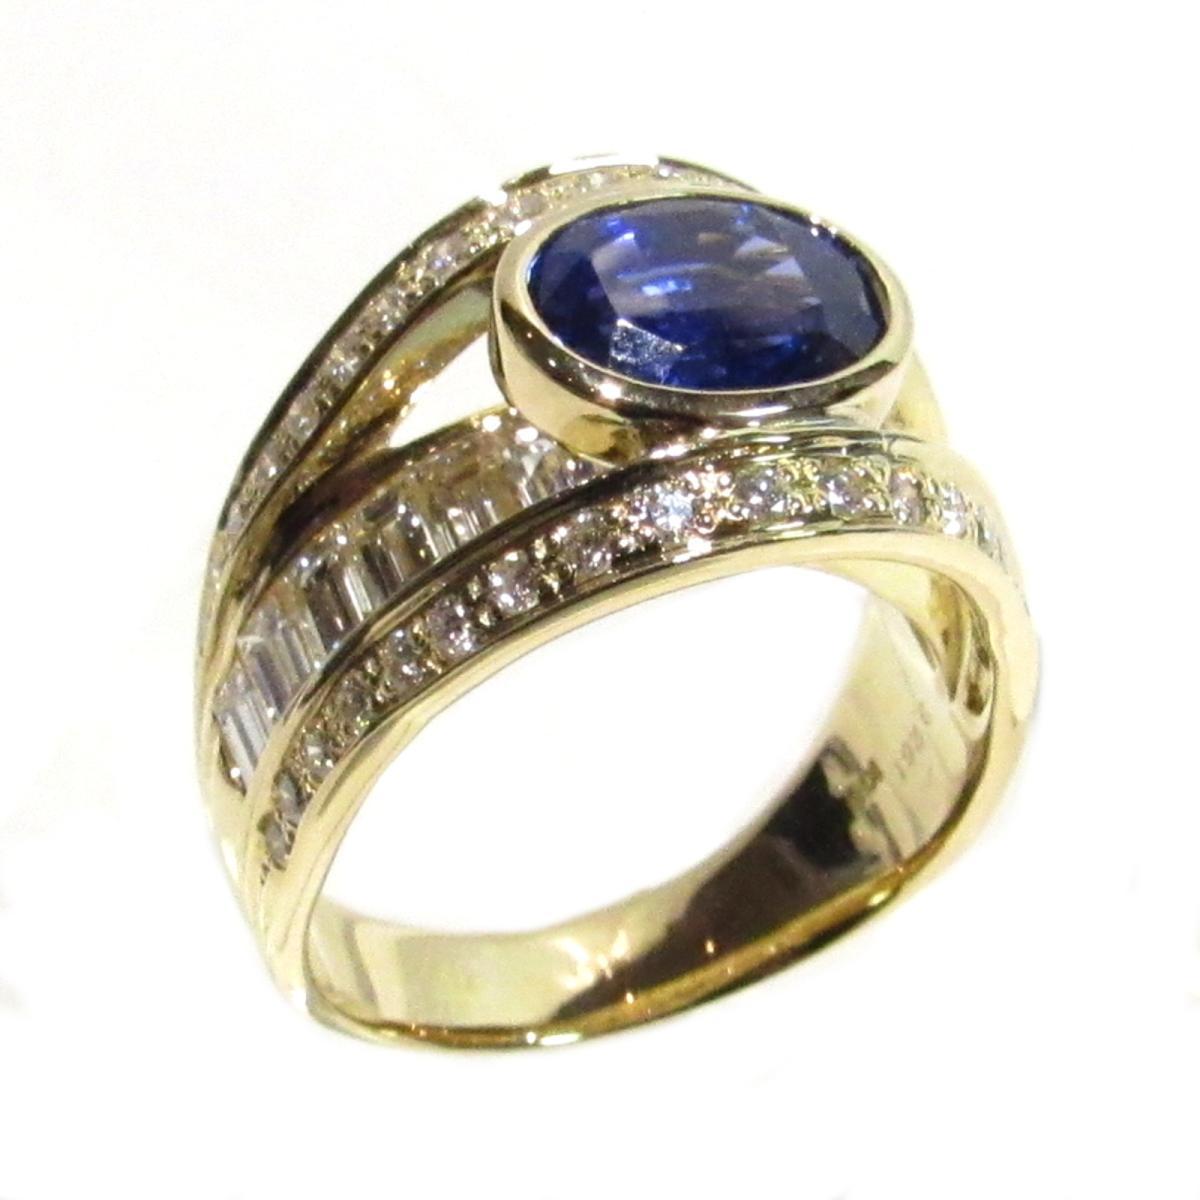 【中古】 ジュエリー サファイア ダイヤモンド リング 指輪 レディース K18YG (750) イエローゴールド x サファイア3.261 x ダイヤモンド2.20ct ブルー x クリアー × ゴールド | JEWELRY リング 18K K18 18金 美品 ブランドオフ BRANDOFF